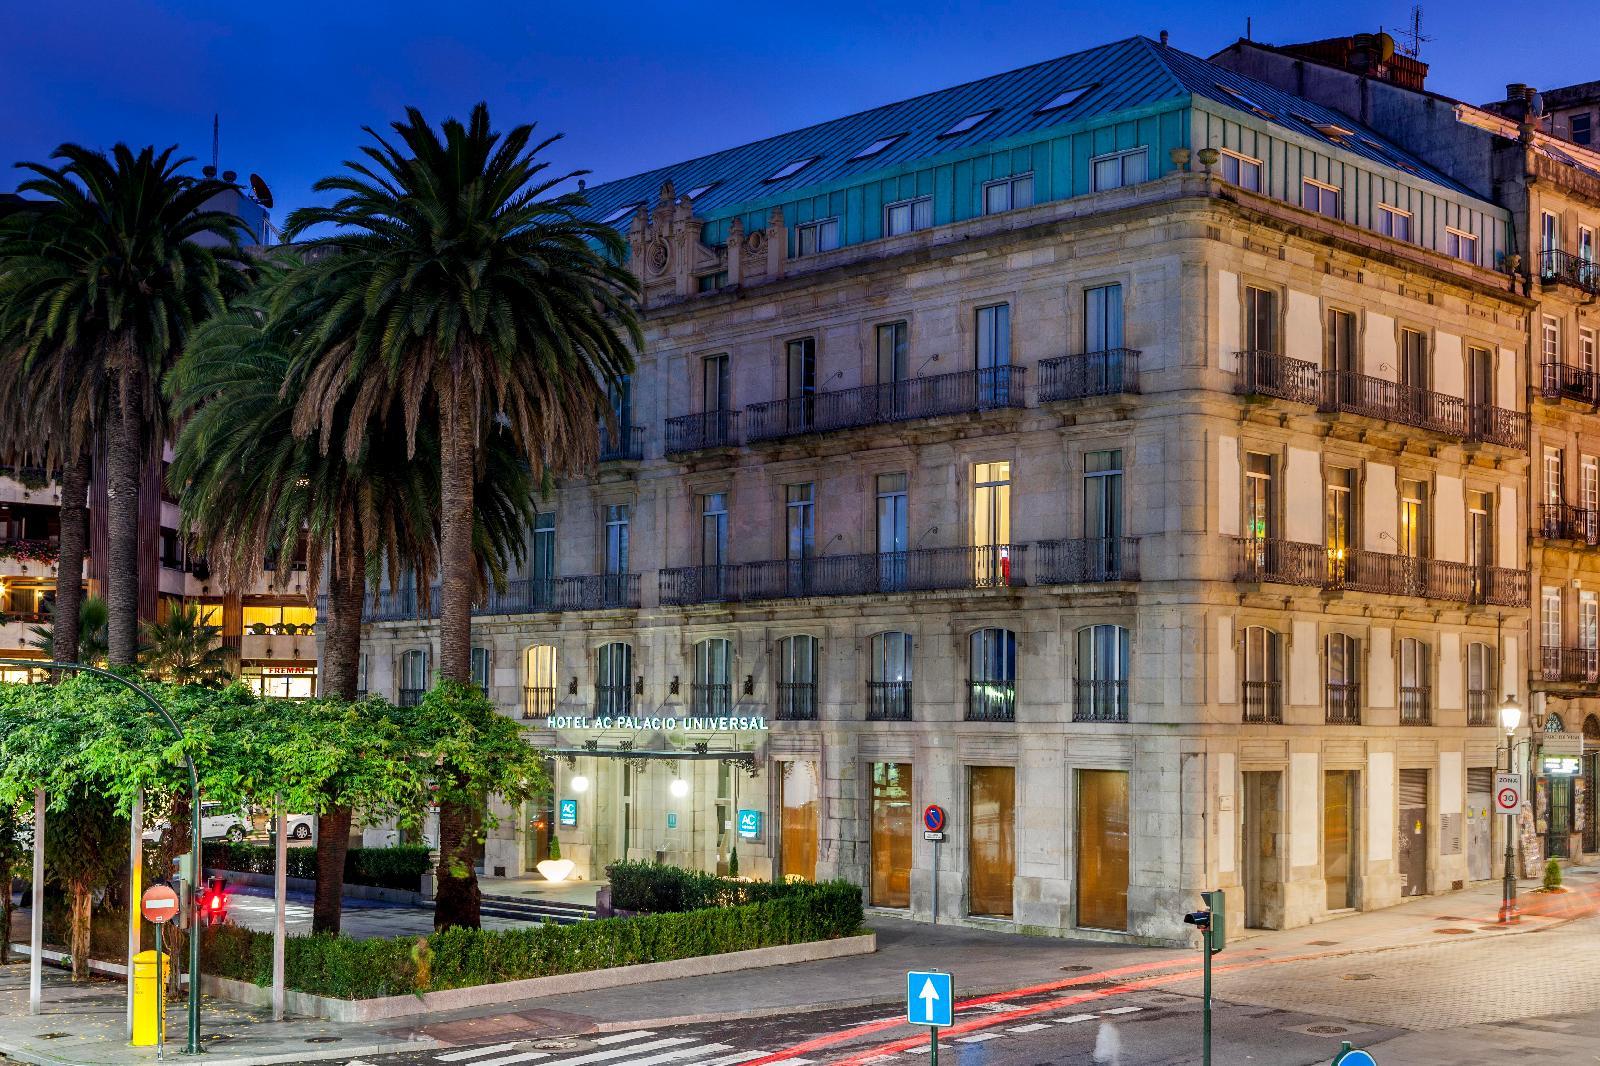 4. Ac Palacio Universal